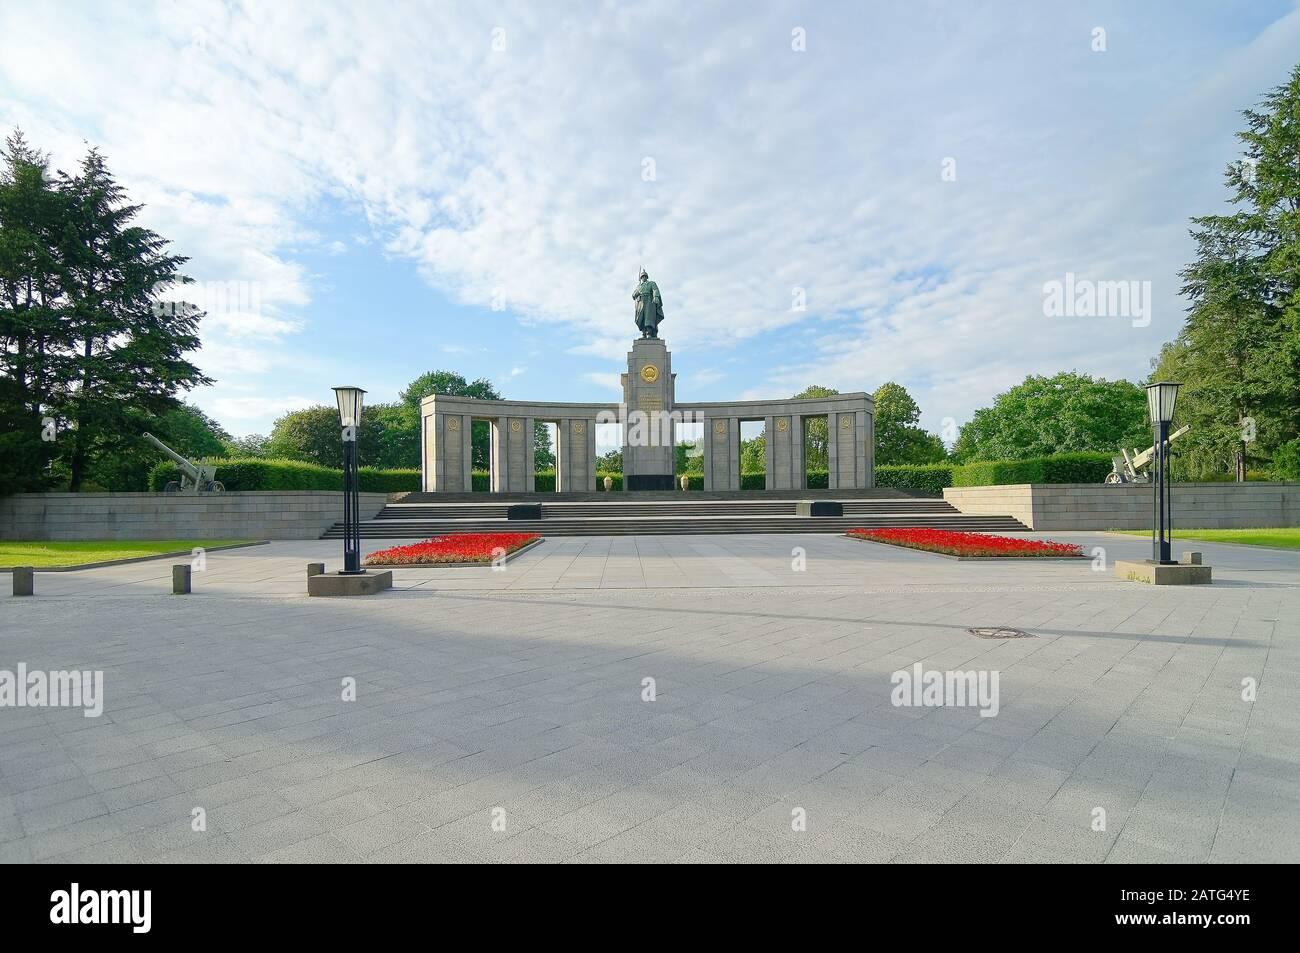 Das Denkmal des sowjetischen Krieges ist ein von der Sowjetunion errichtetes Denkmal zur Erinnerung an die Toten des Krieges, insbesondere an die 80000 Soldaten der sowjetischen Streitkräfte. Stockfoto